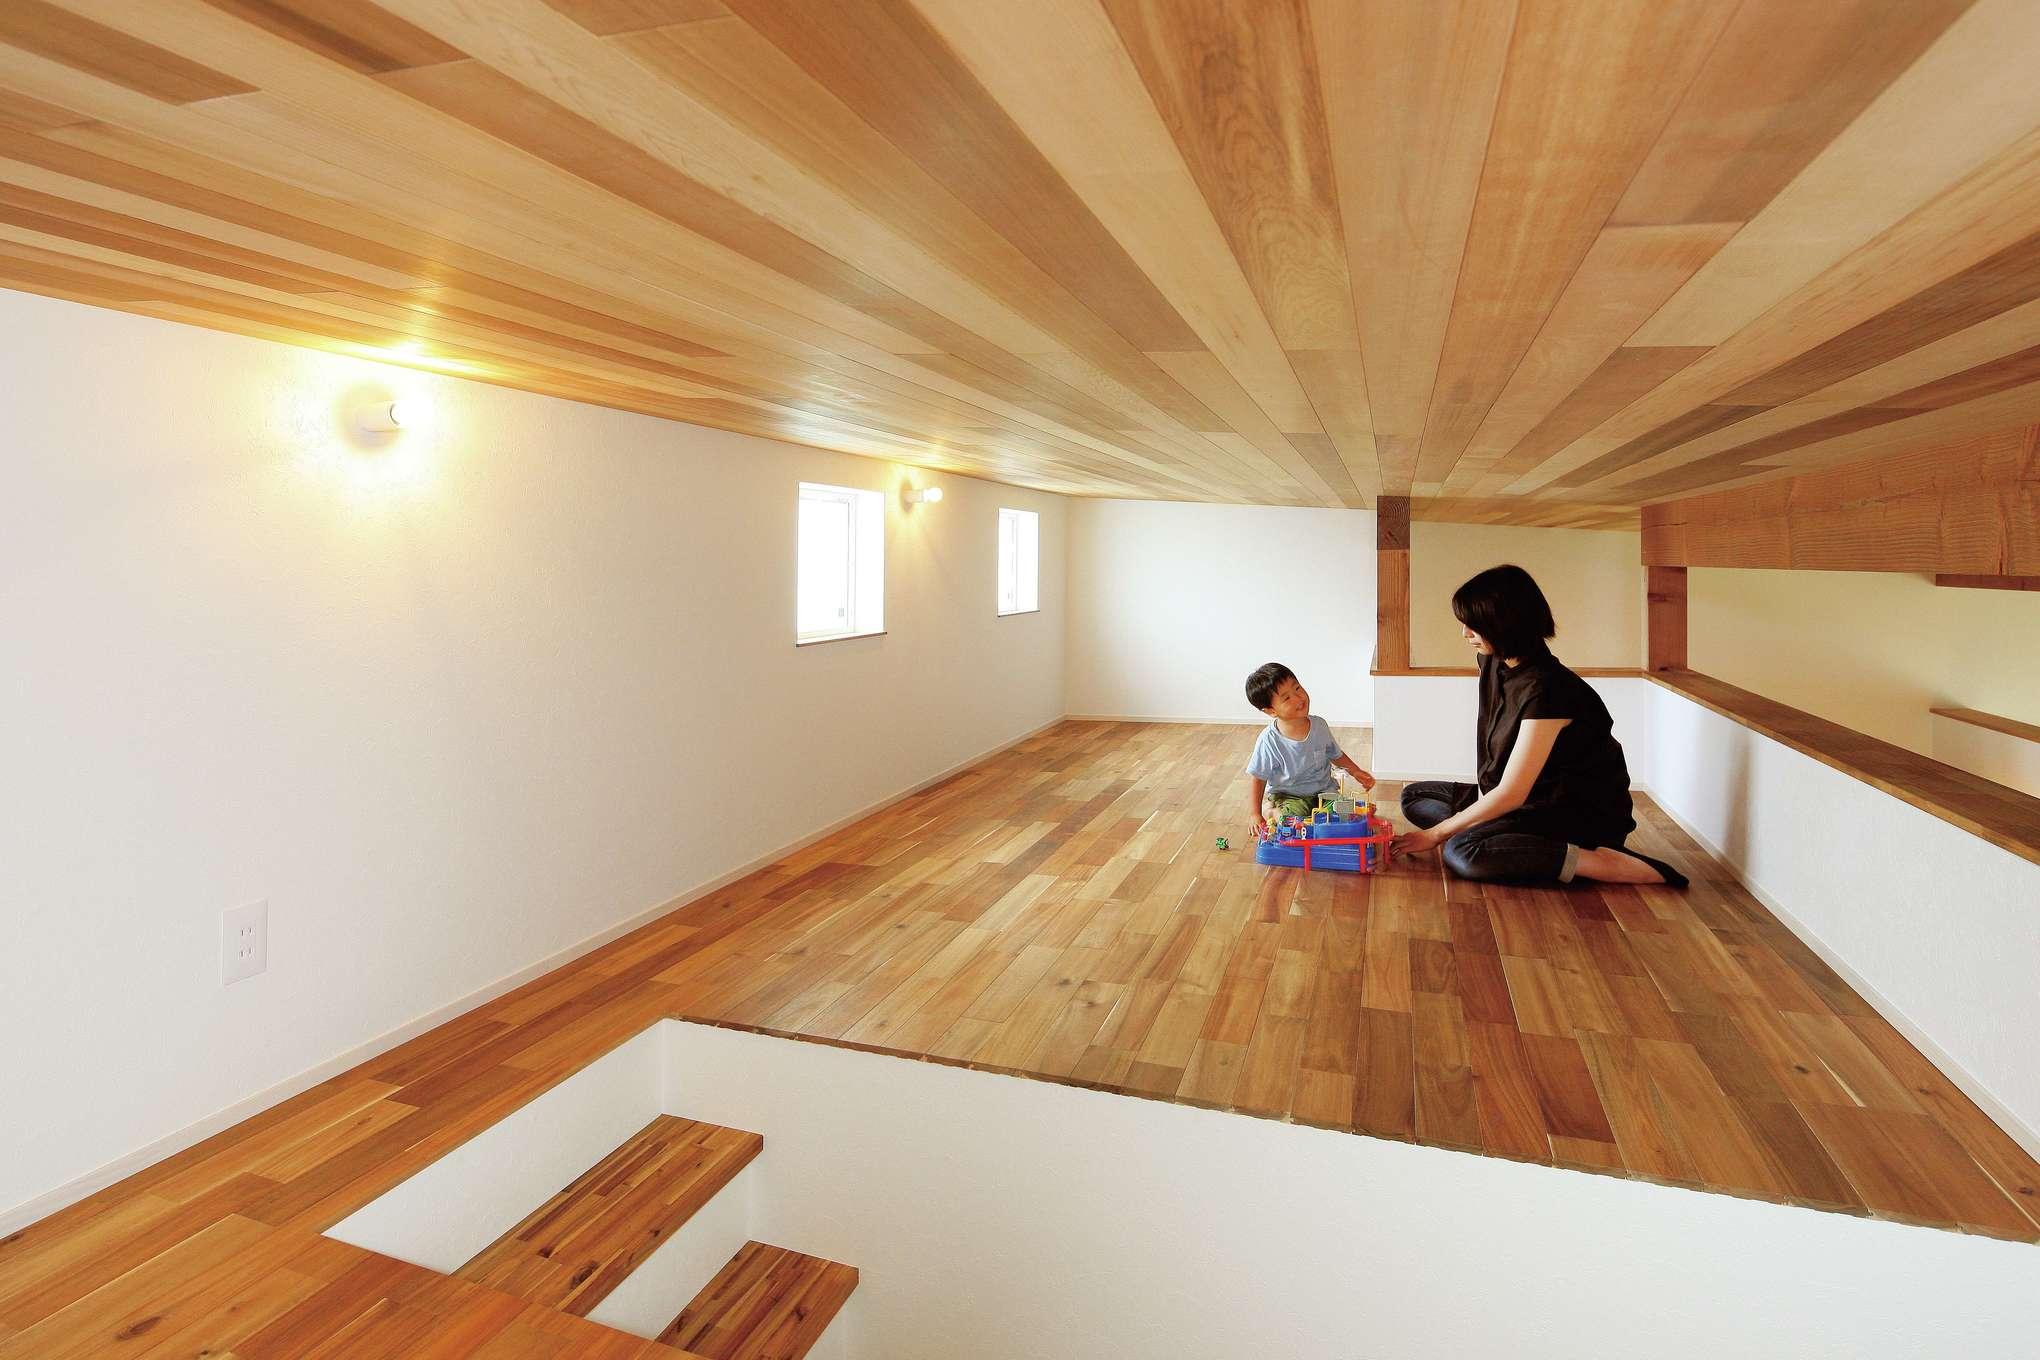 共感住宅 ray-out (レイアウト)【デザイン住宅、趣味、間取り】大容量のロフトは、収納やお子さまの遊び場としても活躍